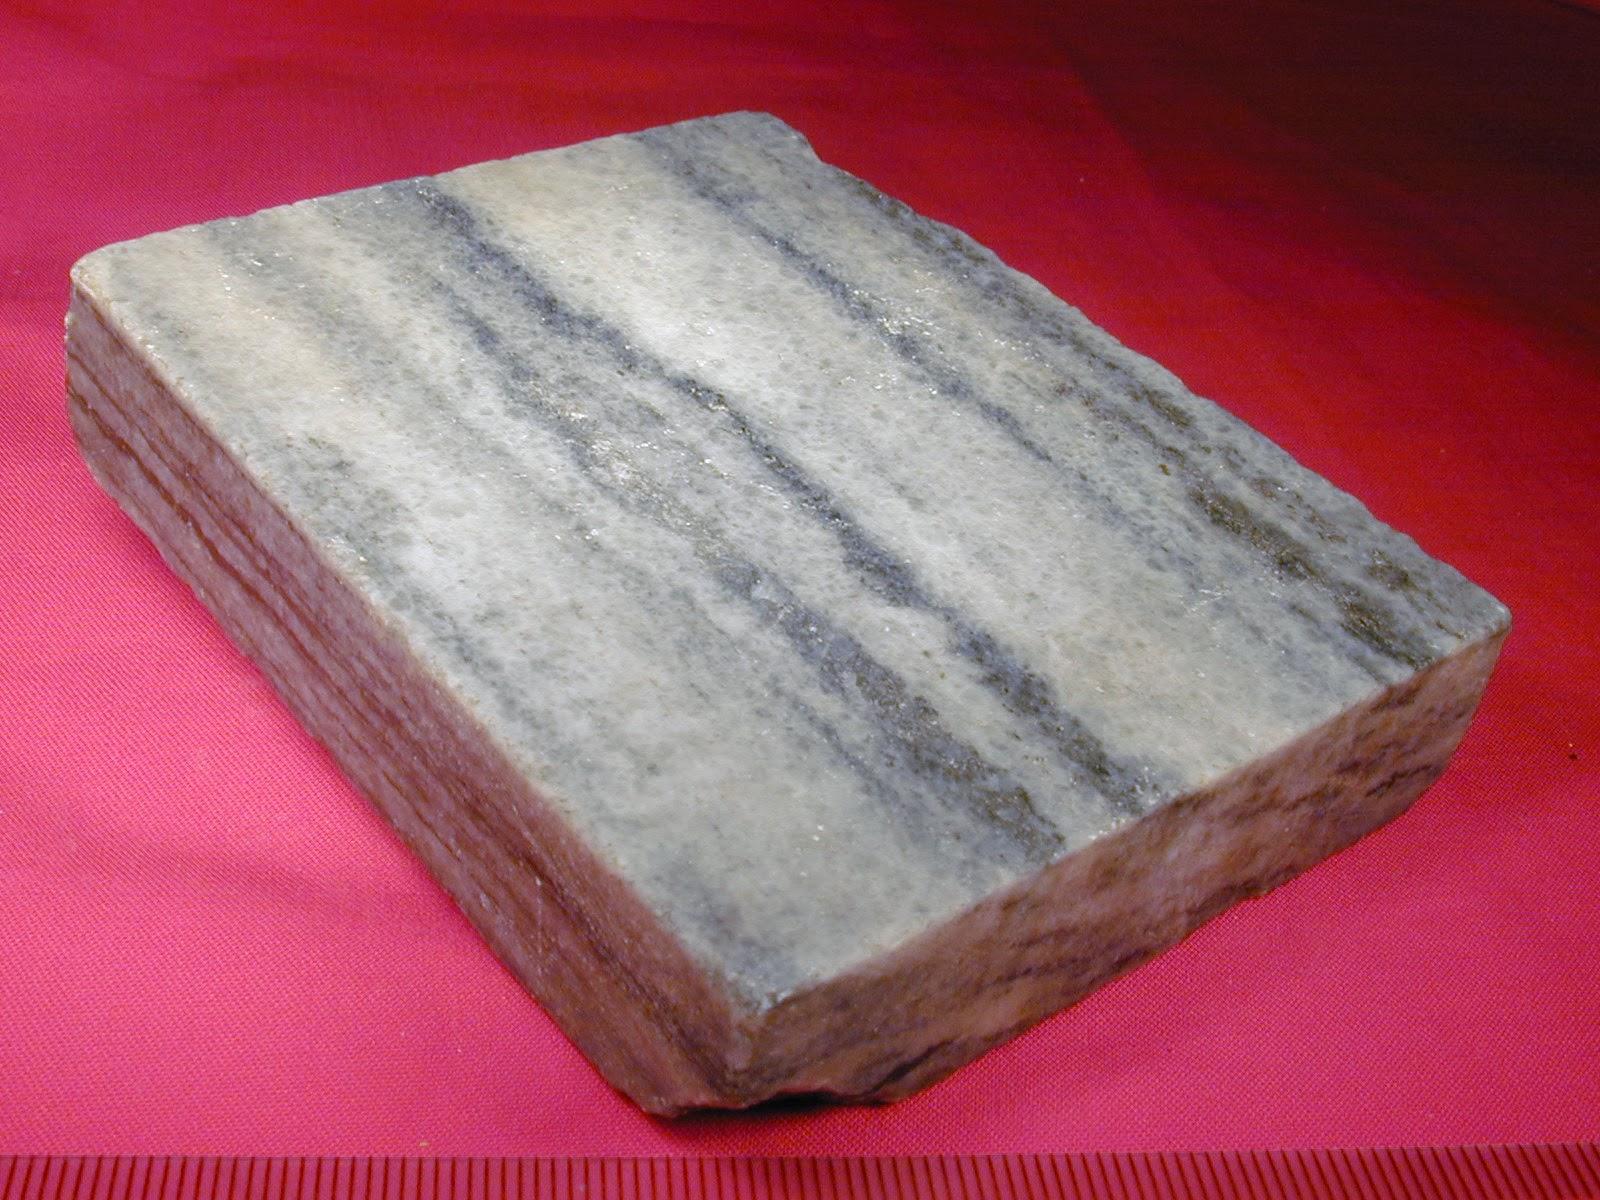 Biologia noviembre 2013 - Caracteristicas del marmol ...